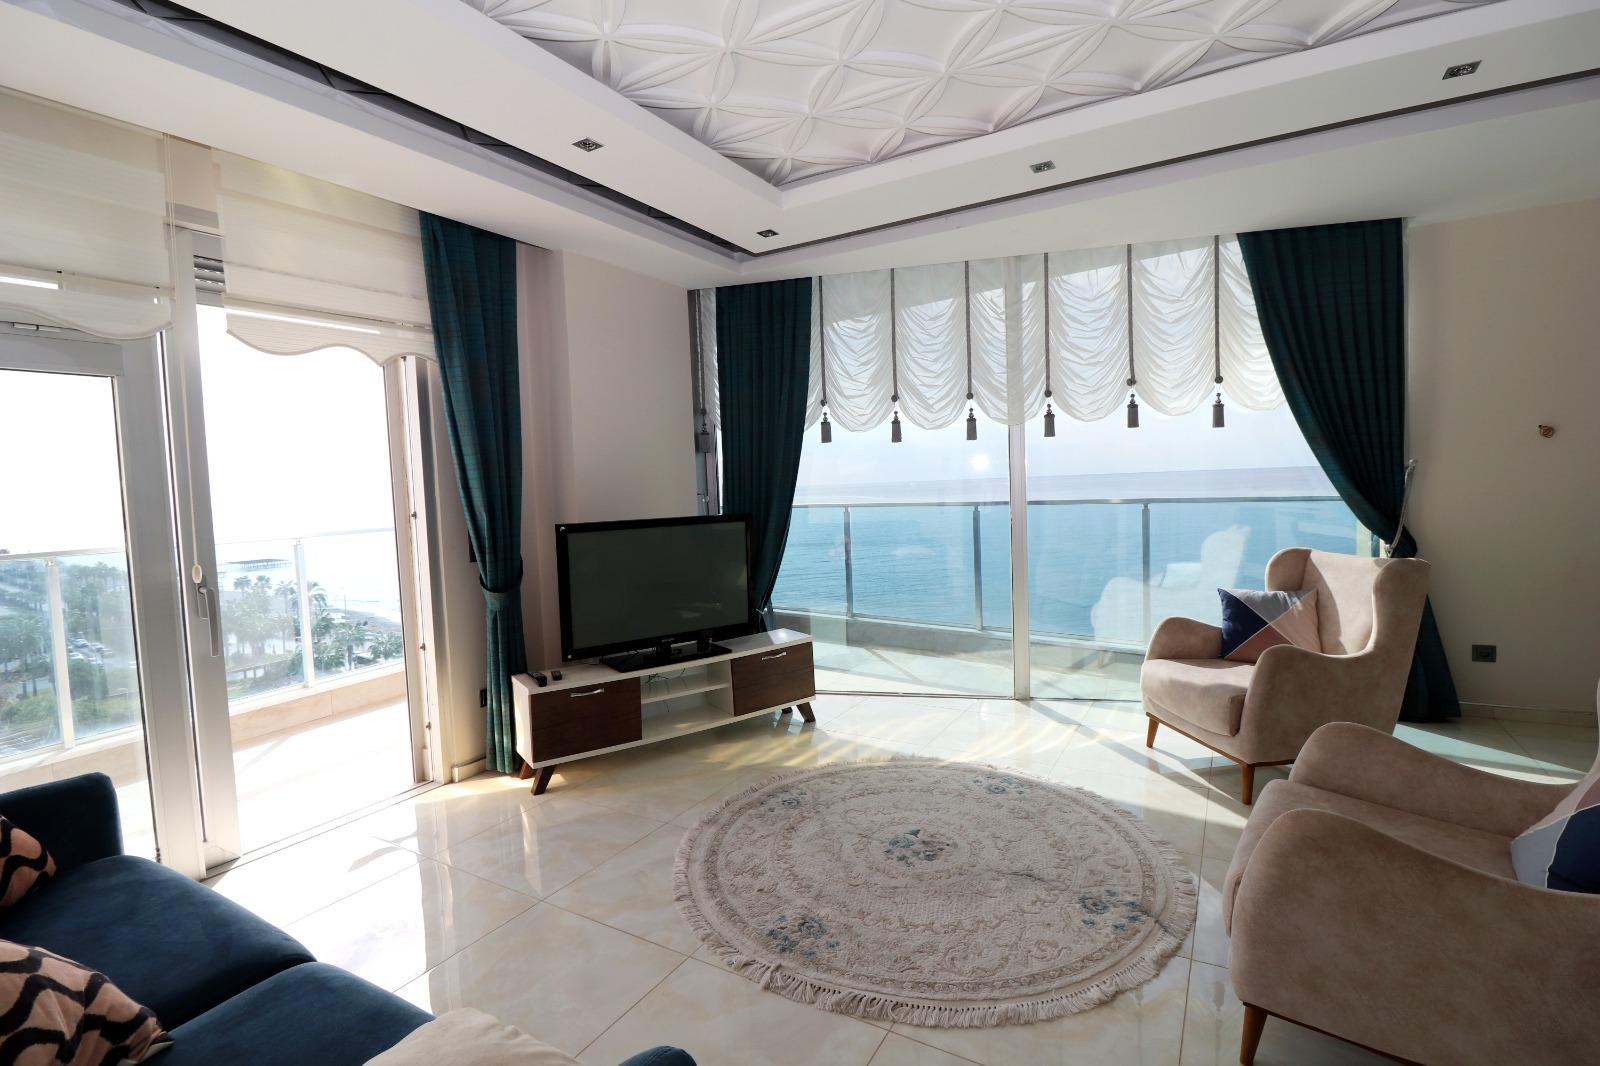 Меблированная квартира 1+1 с панорамным видом на Средиземное море - Фото 11